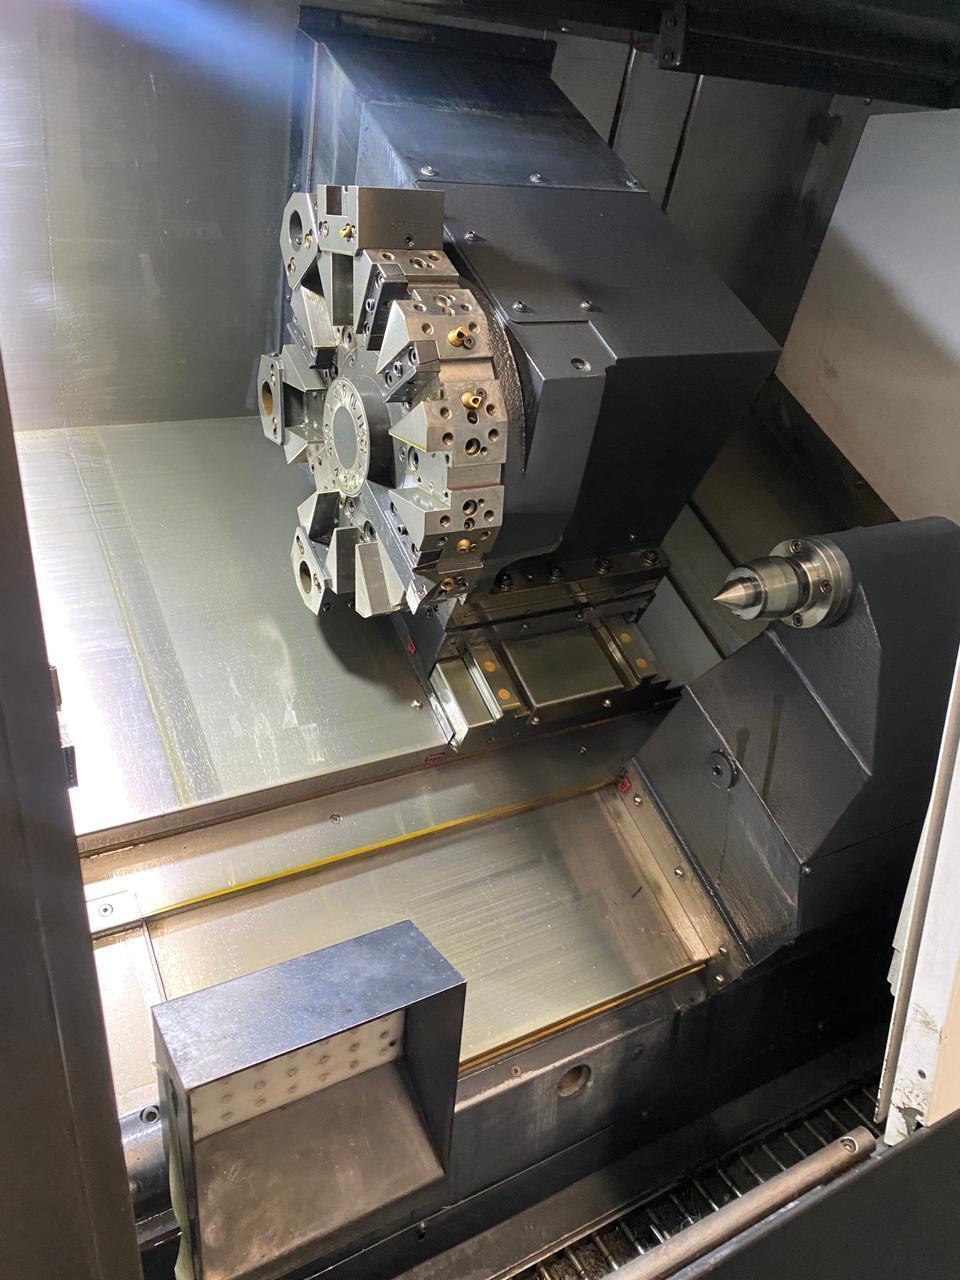 Doosan Lynx 2100LB CNC Horizontal Lathe 2018